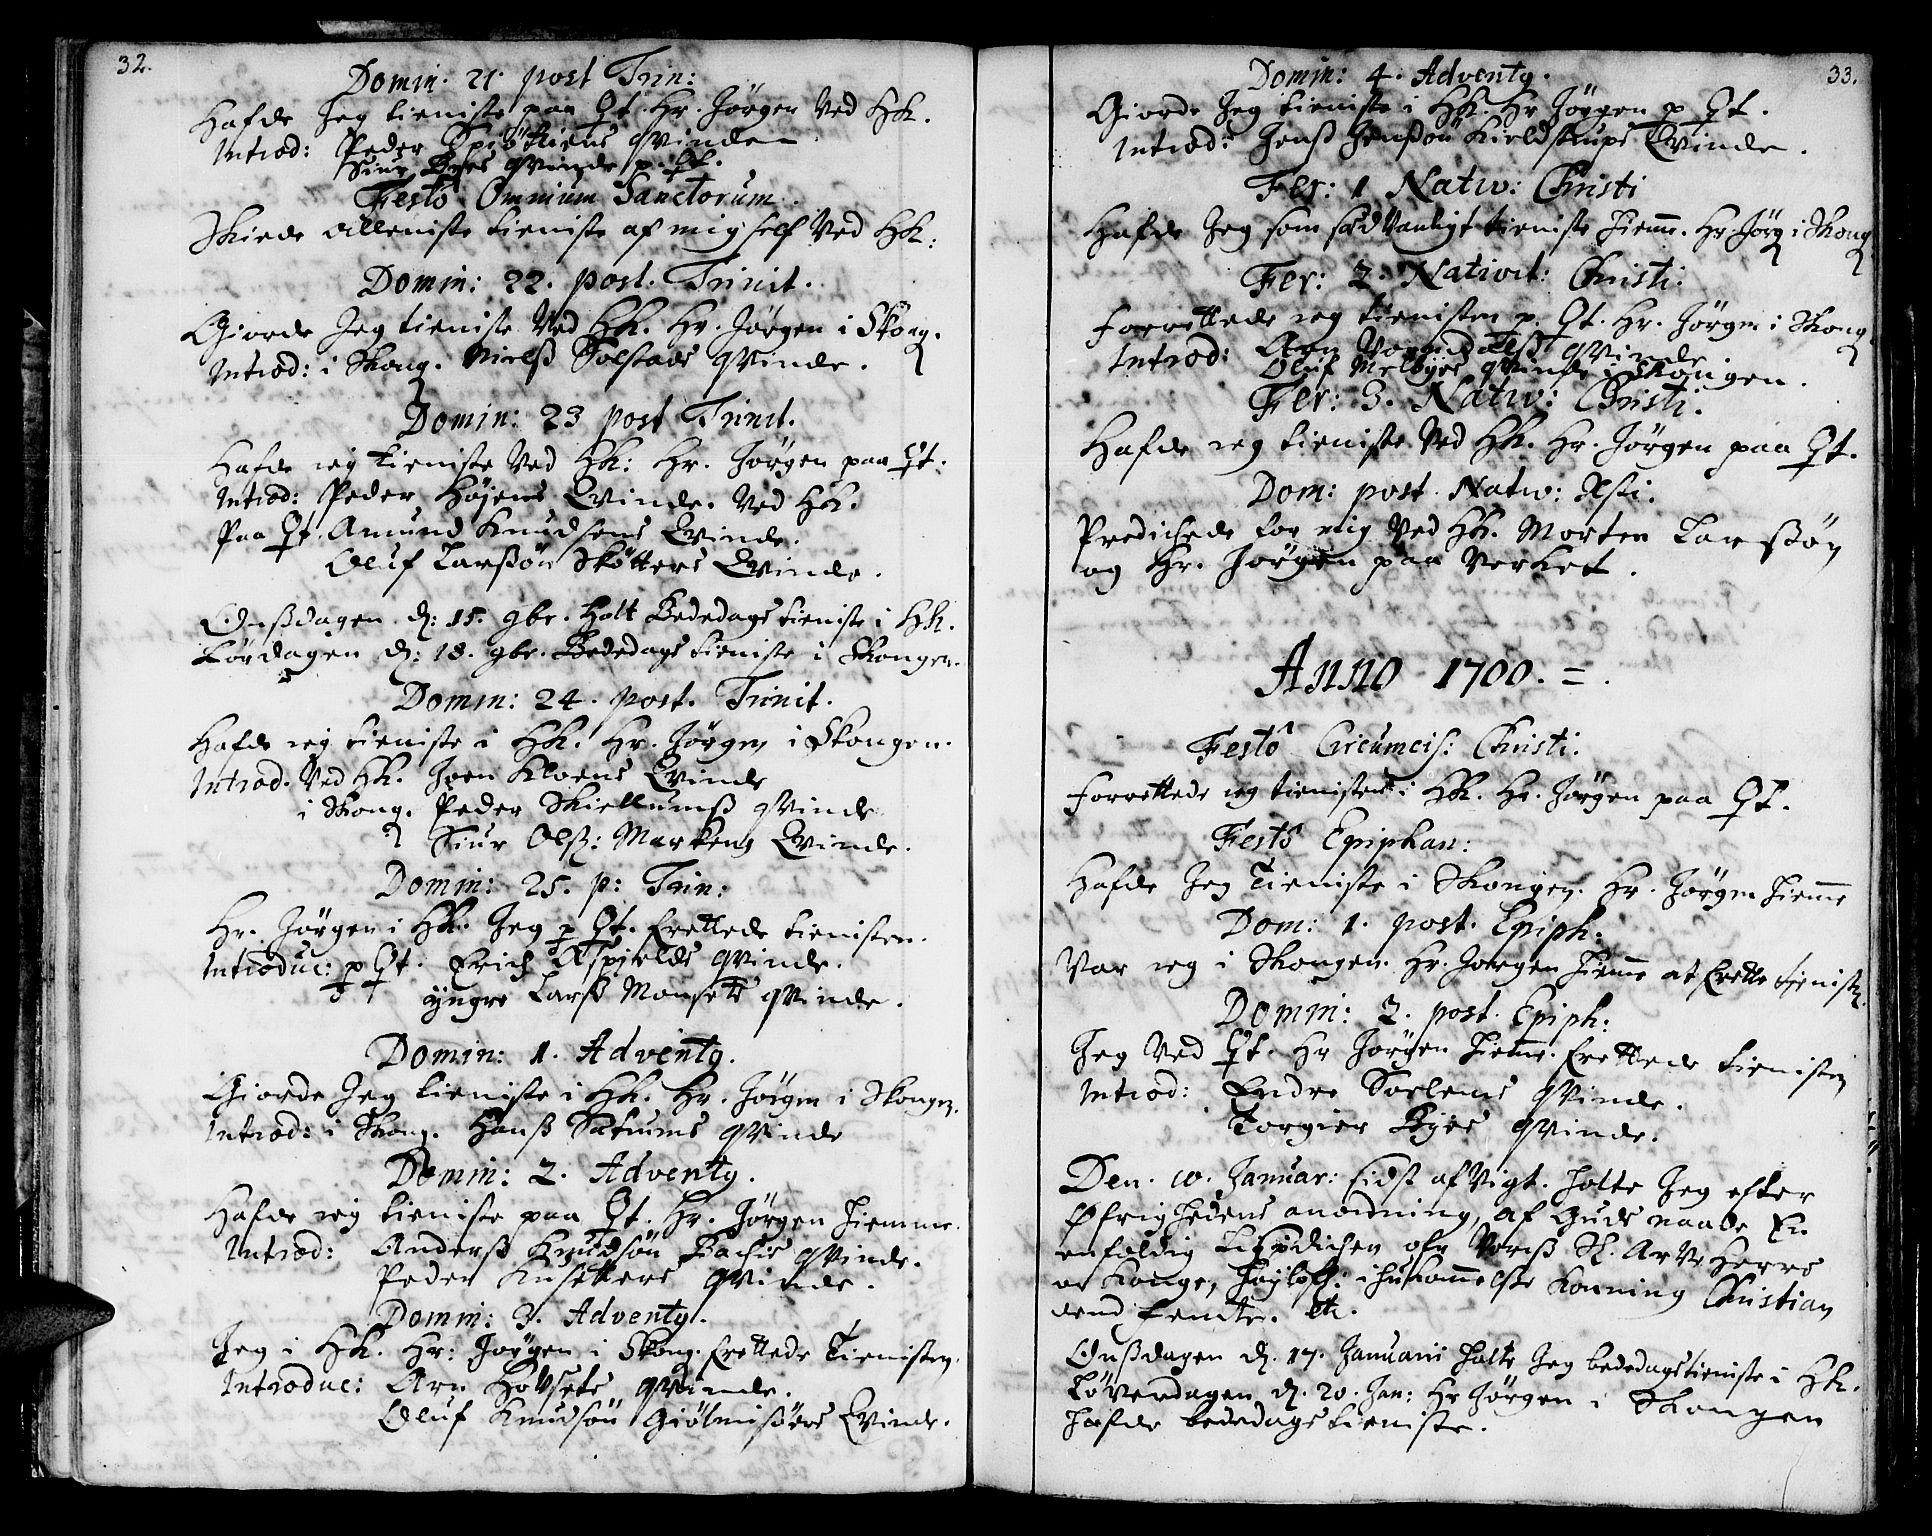 SAT, Ministerialprotokoller, klokkerbøker og fødselsregistre - Sør-Trøndelag, 668/L0801: Ministerialbok nr. 668A01, 1695-1716, s. 32-33